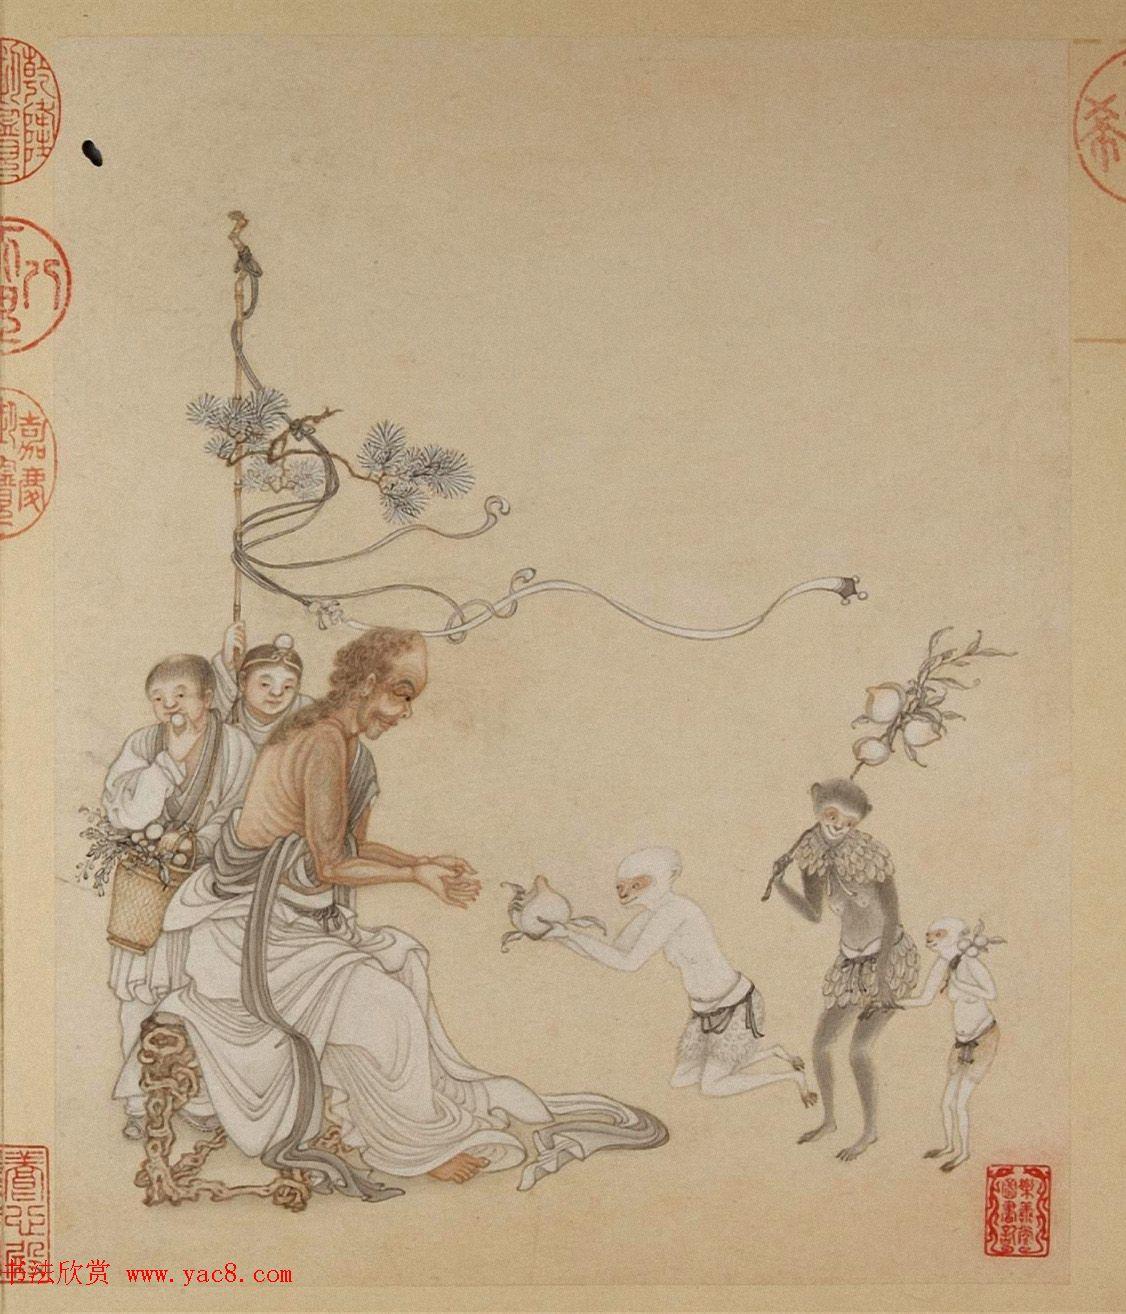 清代字画欣赏《罗汉册》(张照书法+冷枚绘画)